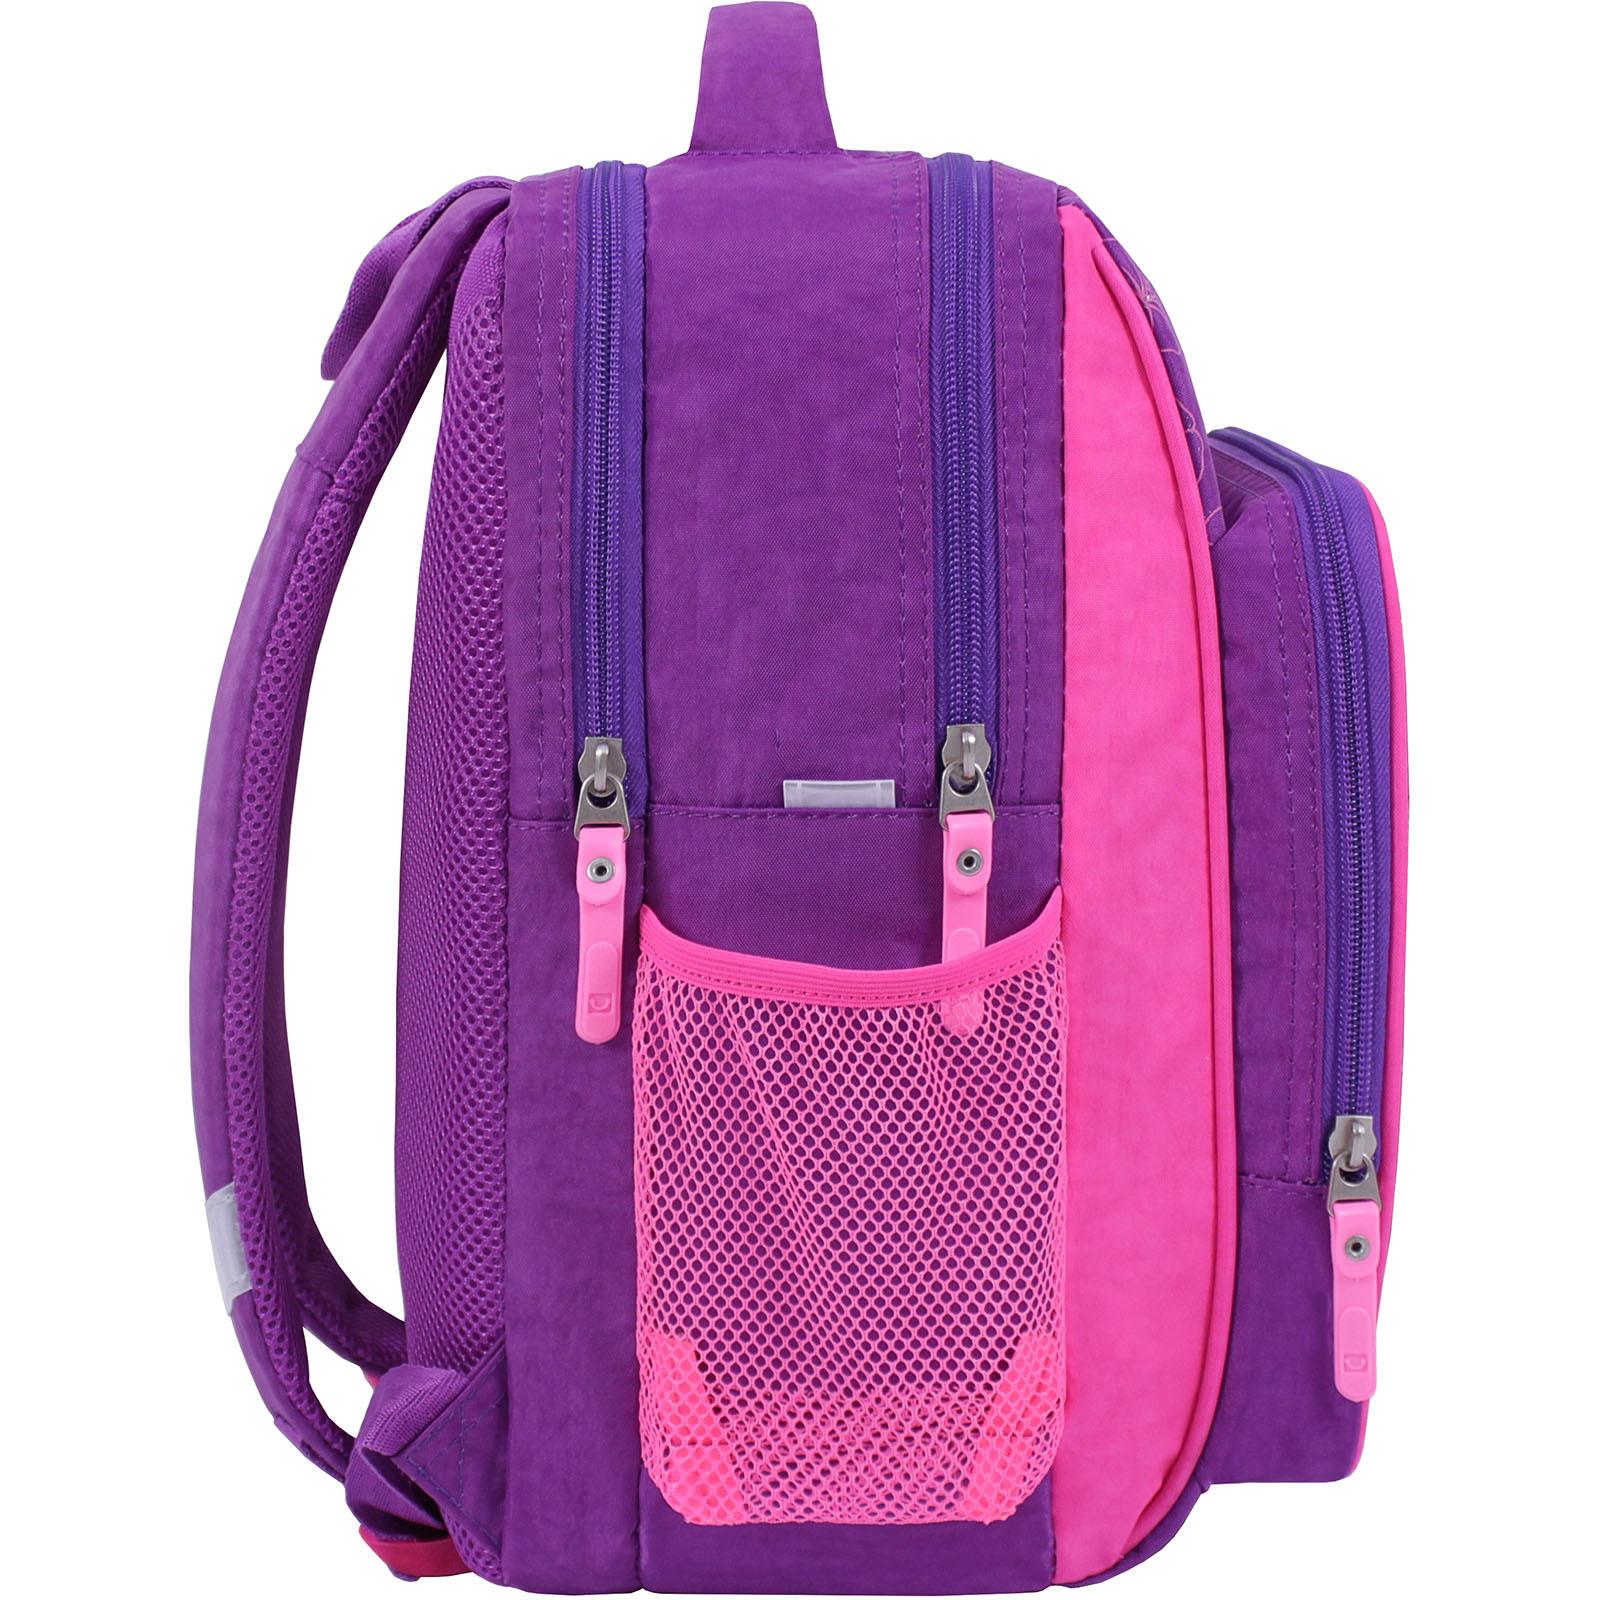 Рюкзак школьный Bagland Школьник 8 л. фиолетовый 498 (0012870) фото 2